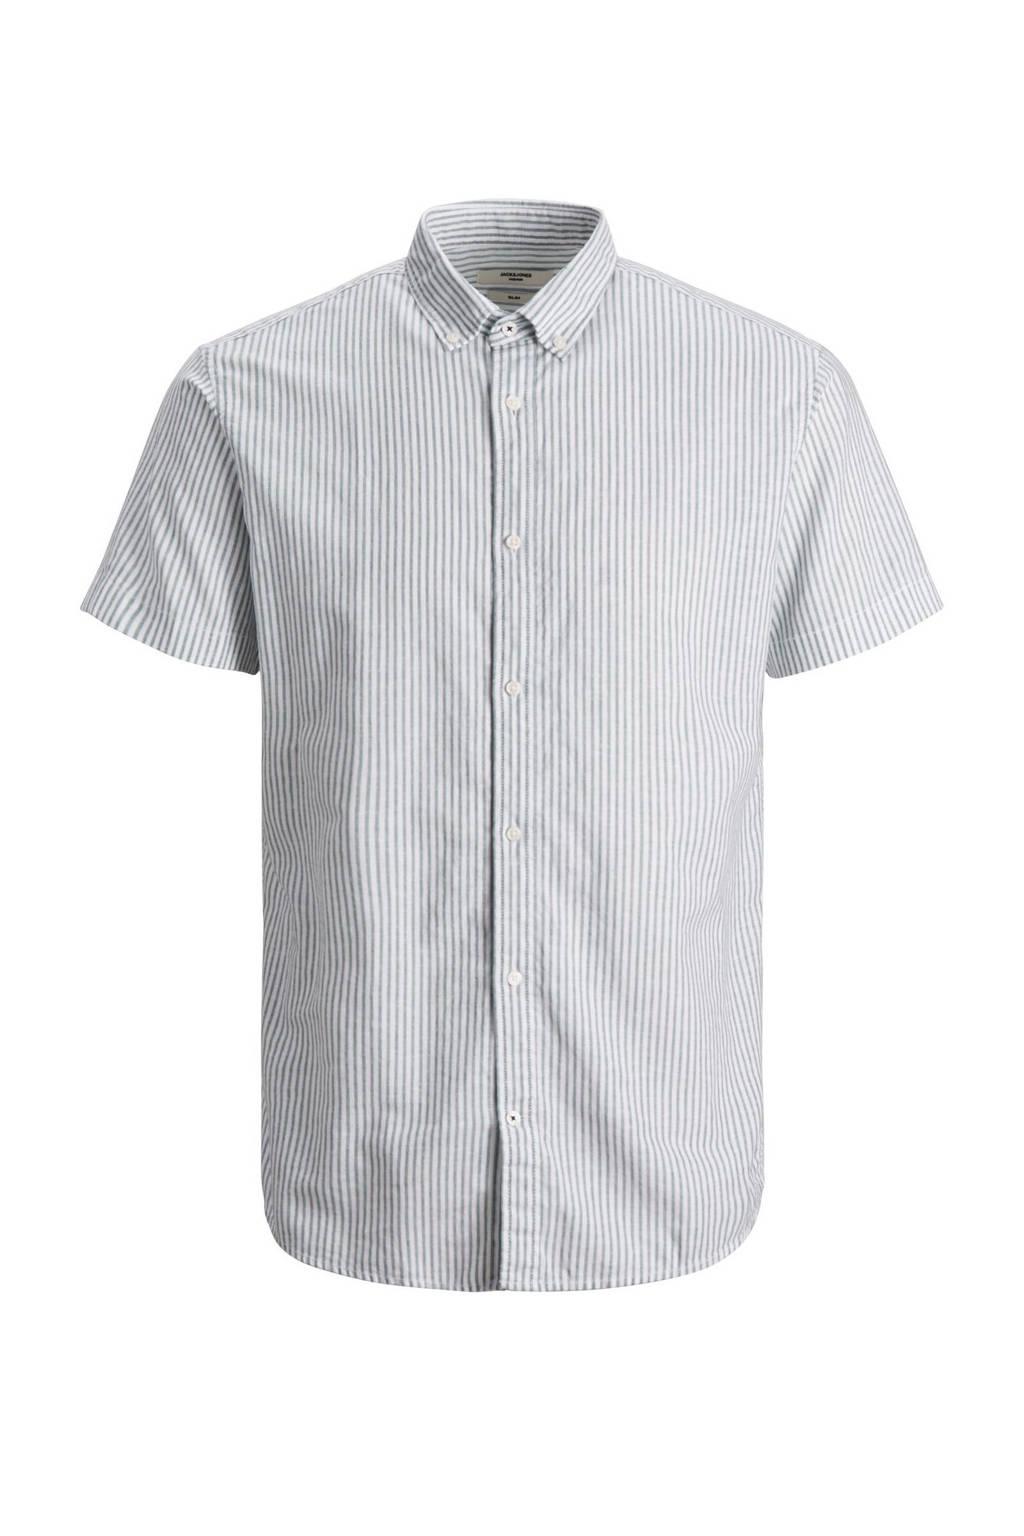 JACK & JONES PLUS SIZE gestreept regular fit overhemd Plus Size grijs, Grijs